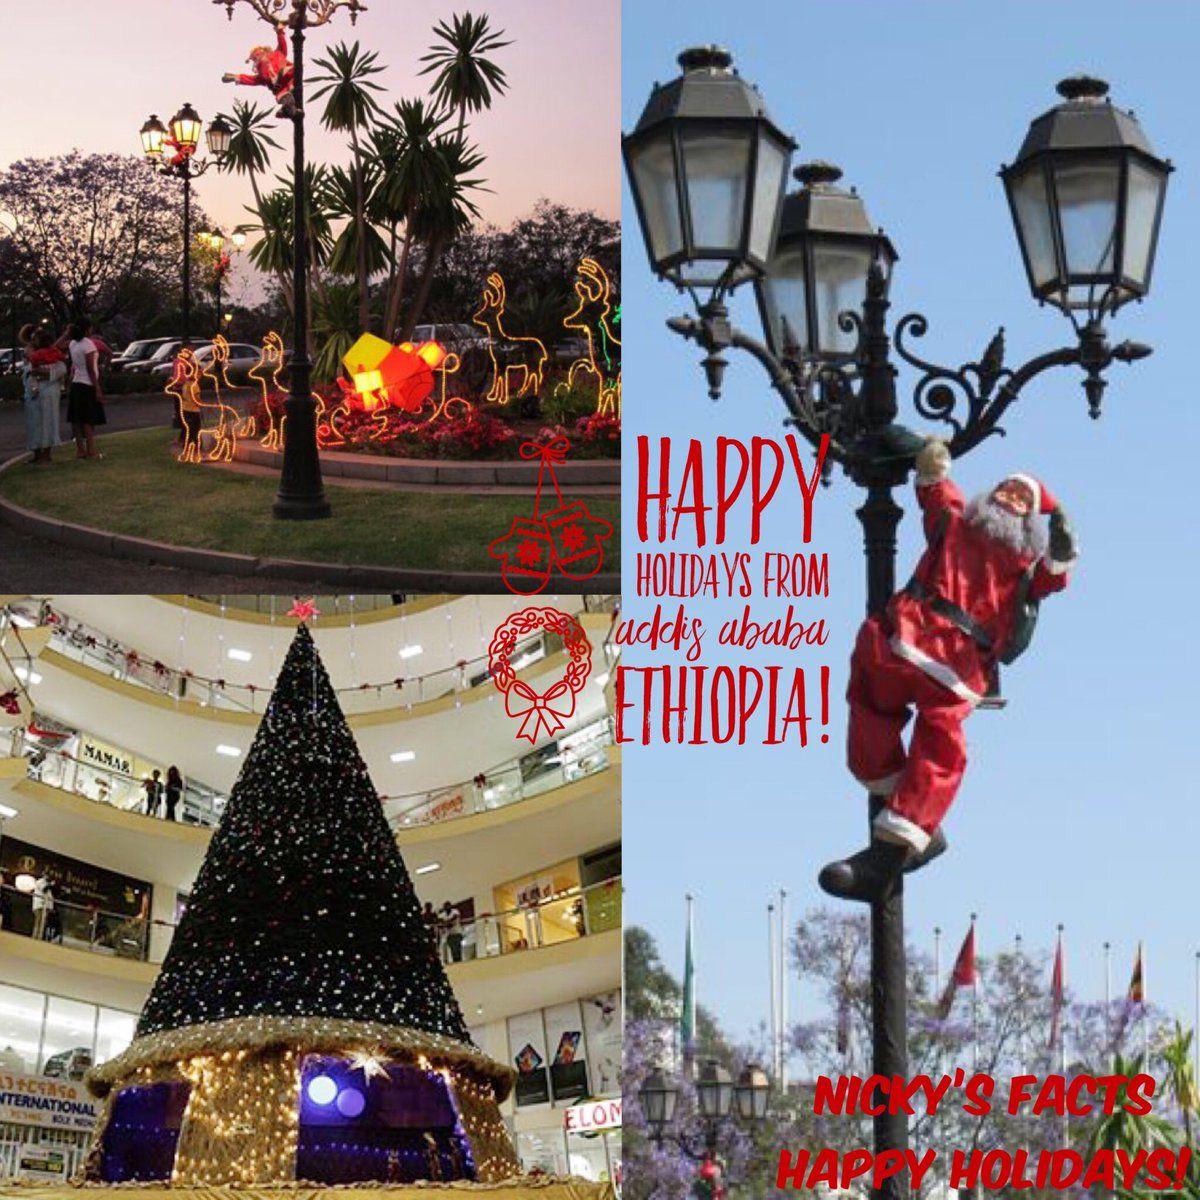 Happy Holidays From Addis Ababa Ethiopia Happyholidays Christmascountdown Christmas Ethiopia Happy Holidays Christmas Countdown Holiday